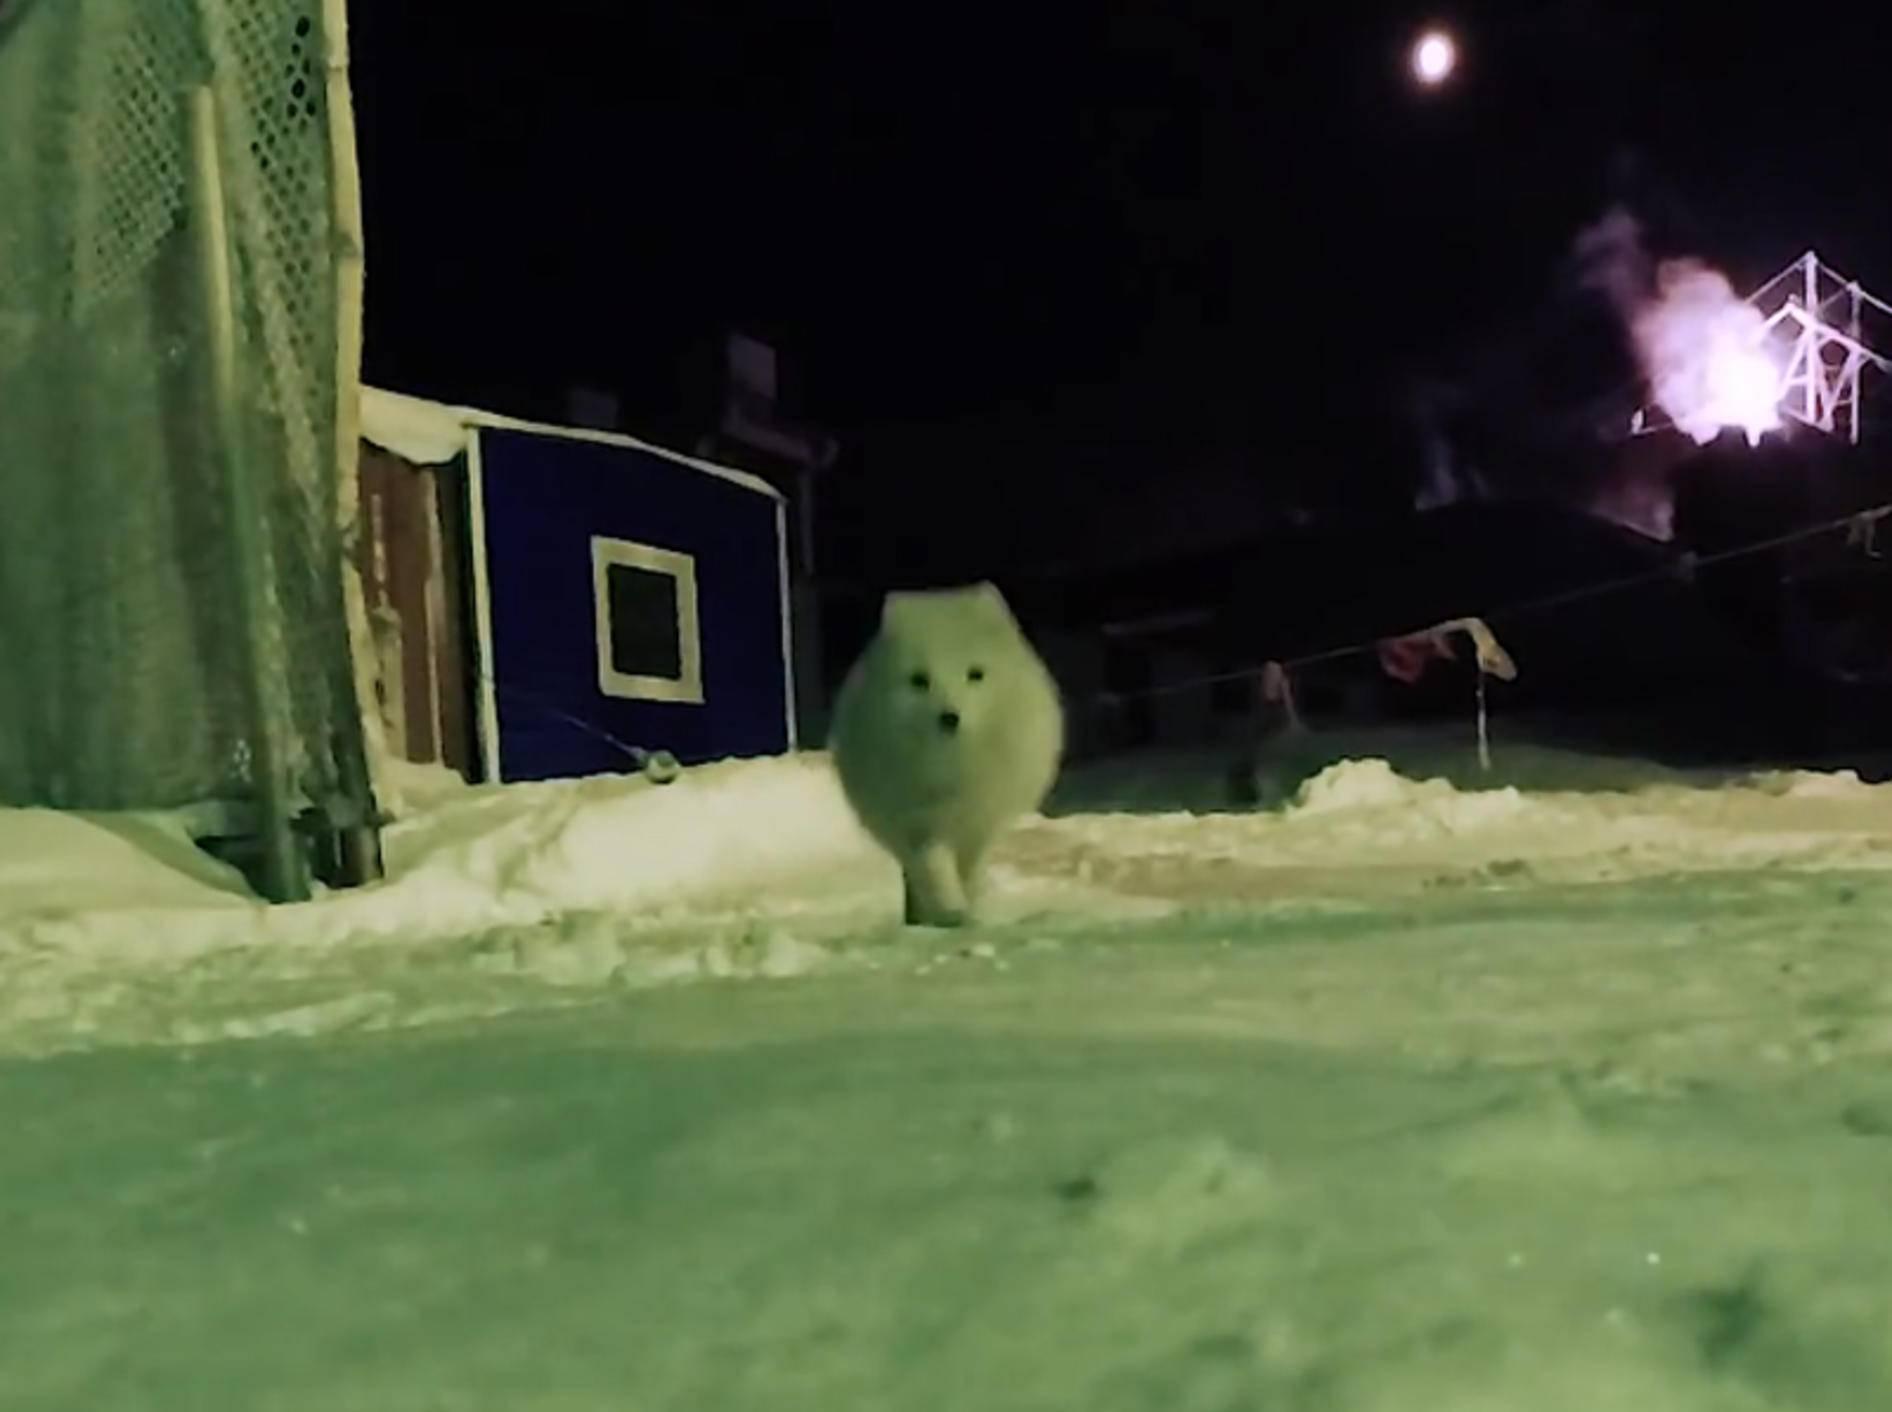 Schneeweißer Dieb: Polarfuchs klaut Kamera – YouTube / ViralHog